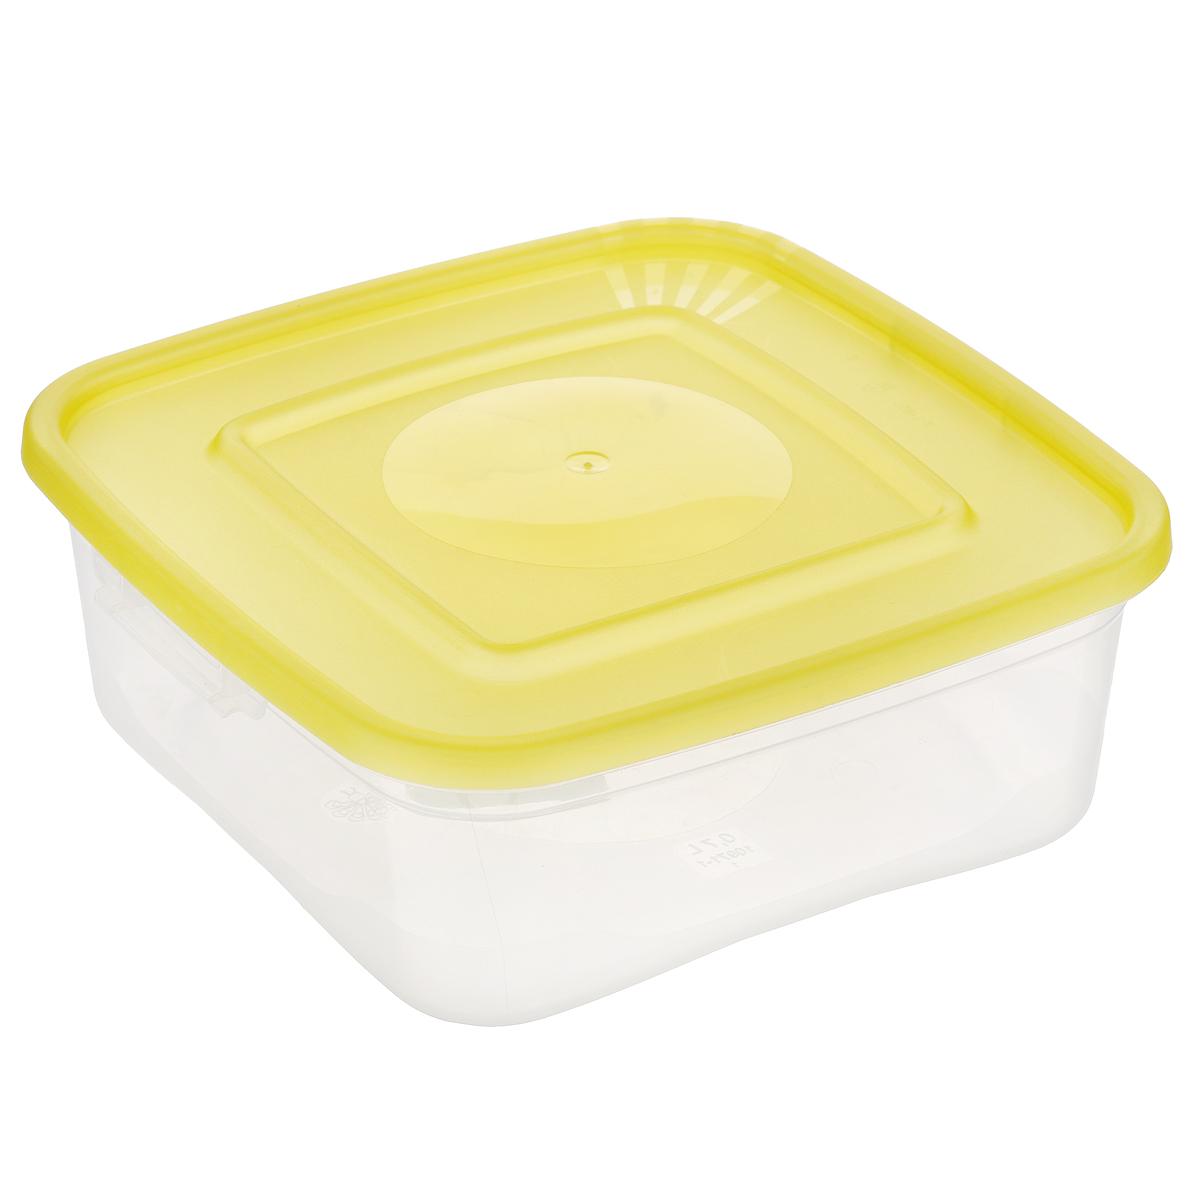 Контейнер для СВЧ Полимербыт Каскад, цвет: желтый, прозрачный, 700 мл40401Контейнер для СВЧ Полимербыт Каскад изготовлен из высококачественного прочного пластика, устойчивого к высоким температурам (до +110°С). Стенки контейнера прозрачные, что позволяет видеть содержимое. Цветная полупрозрачная крышка плотно закрывается. Контейнер идеально подходит для хранения пищи, его удобно брать с собой на работу, учебу, пикник или просто использовать для хранения пищи в холодильнике. Можно использовать в микроволновой печи и для заморозки в морозильной камере. Можно мыть в посудомоечной машине.